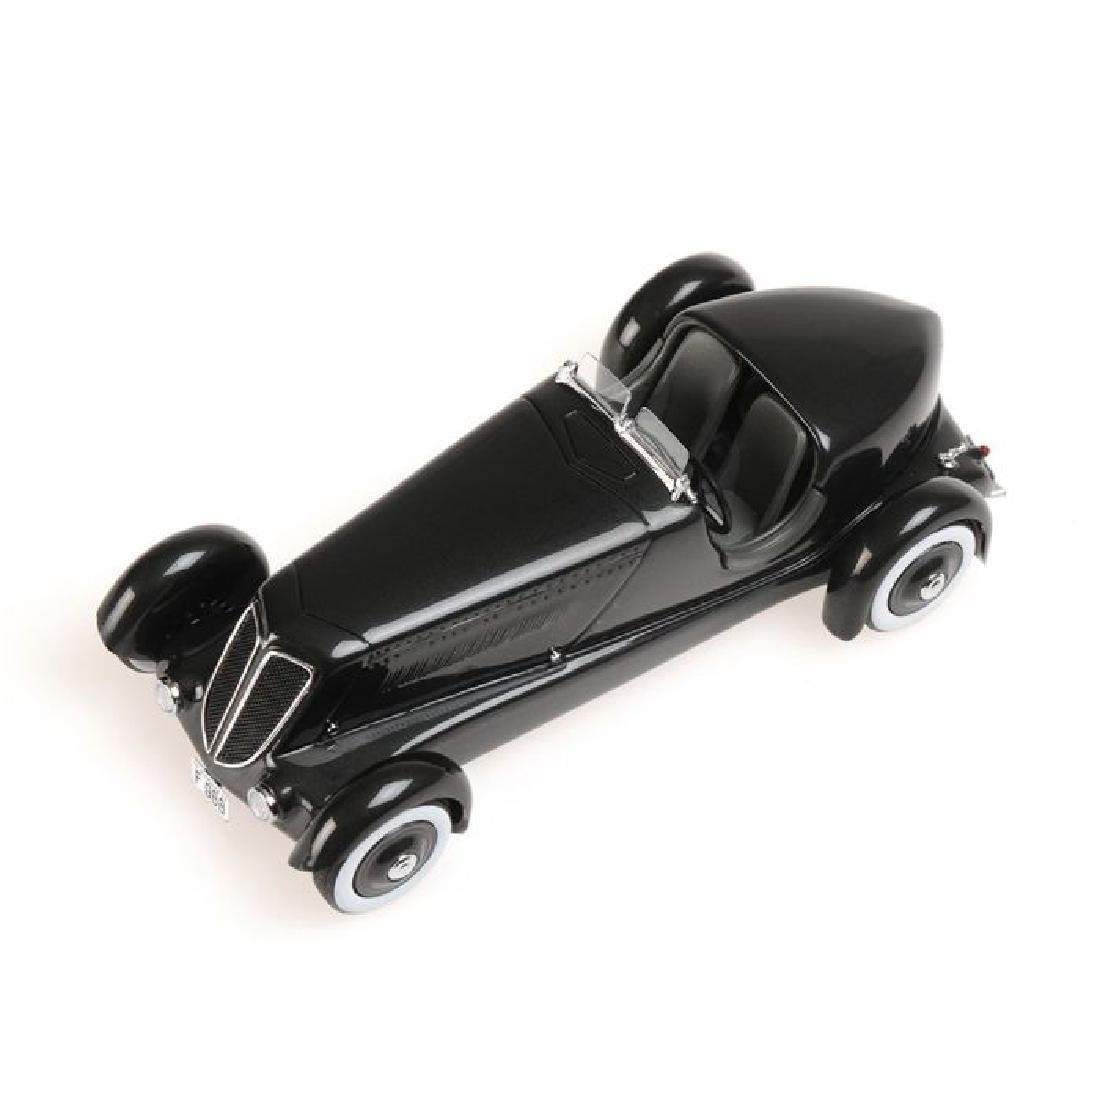 Minichamps 1:43 Edsel Ford Model Special Speedster 1934 - 4